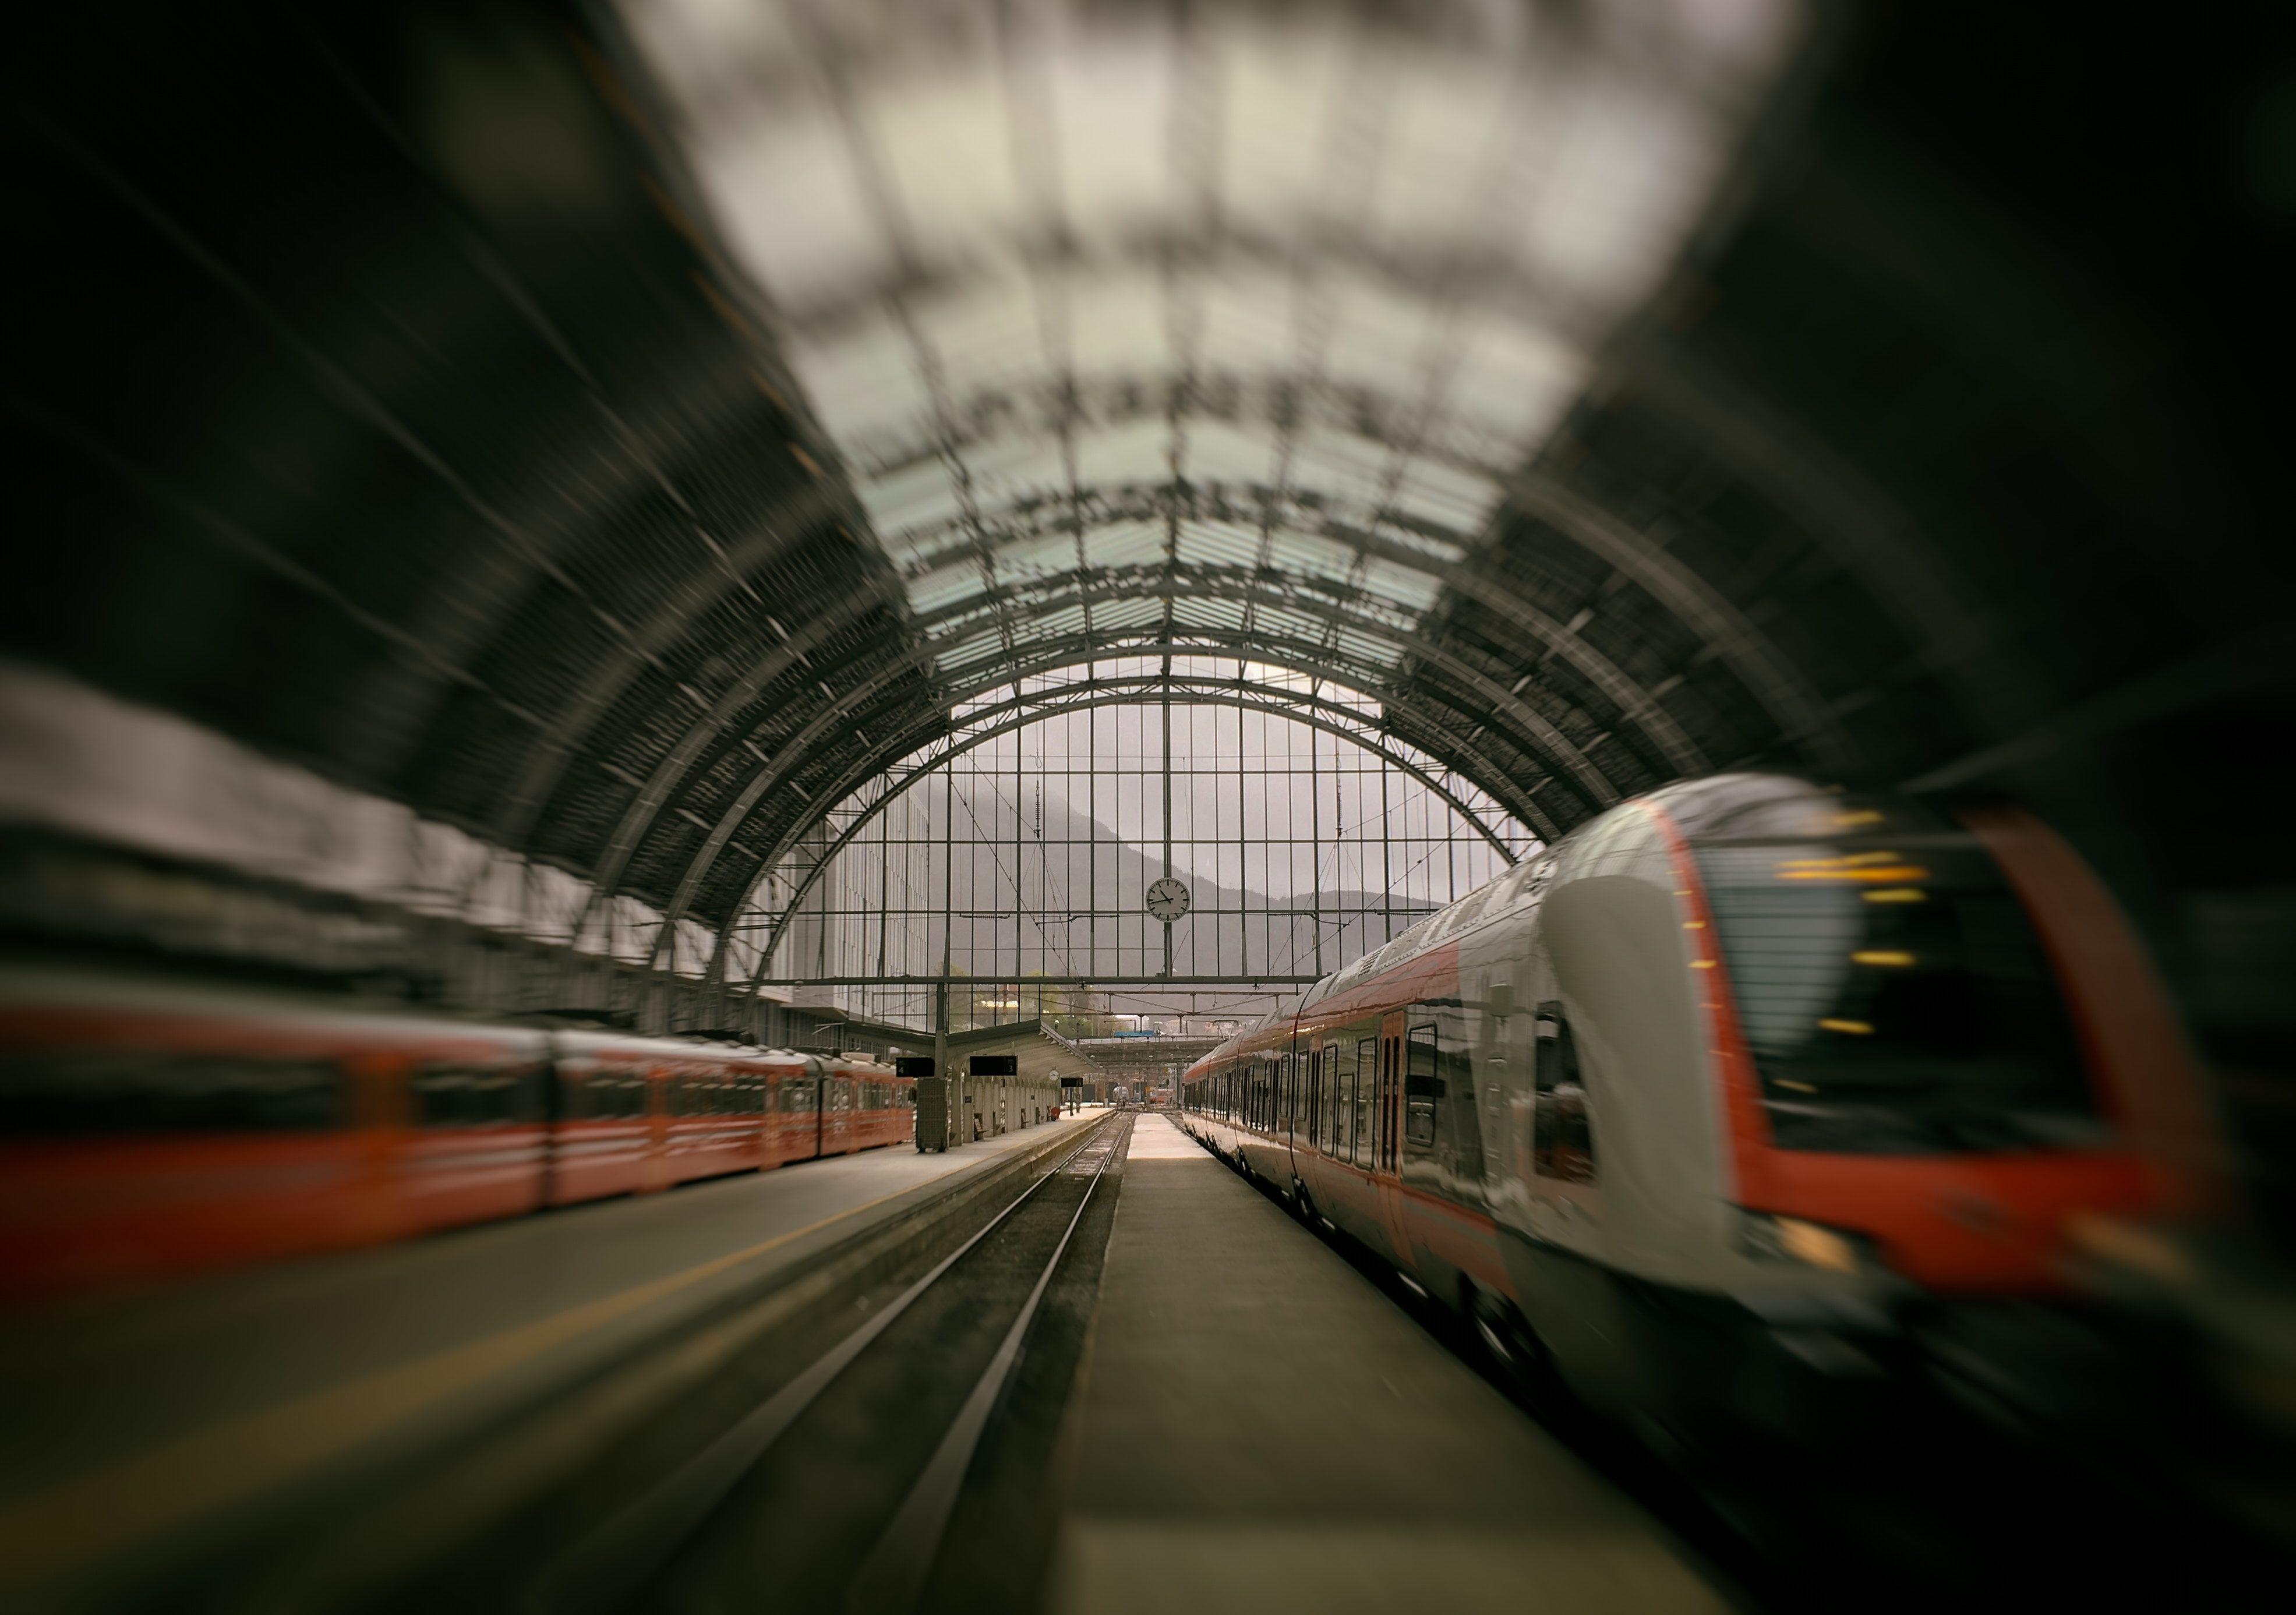 Bild von Bahnhofshalle mit mehreren Zügen